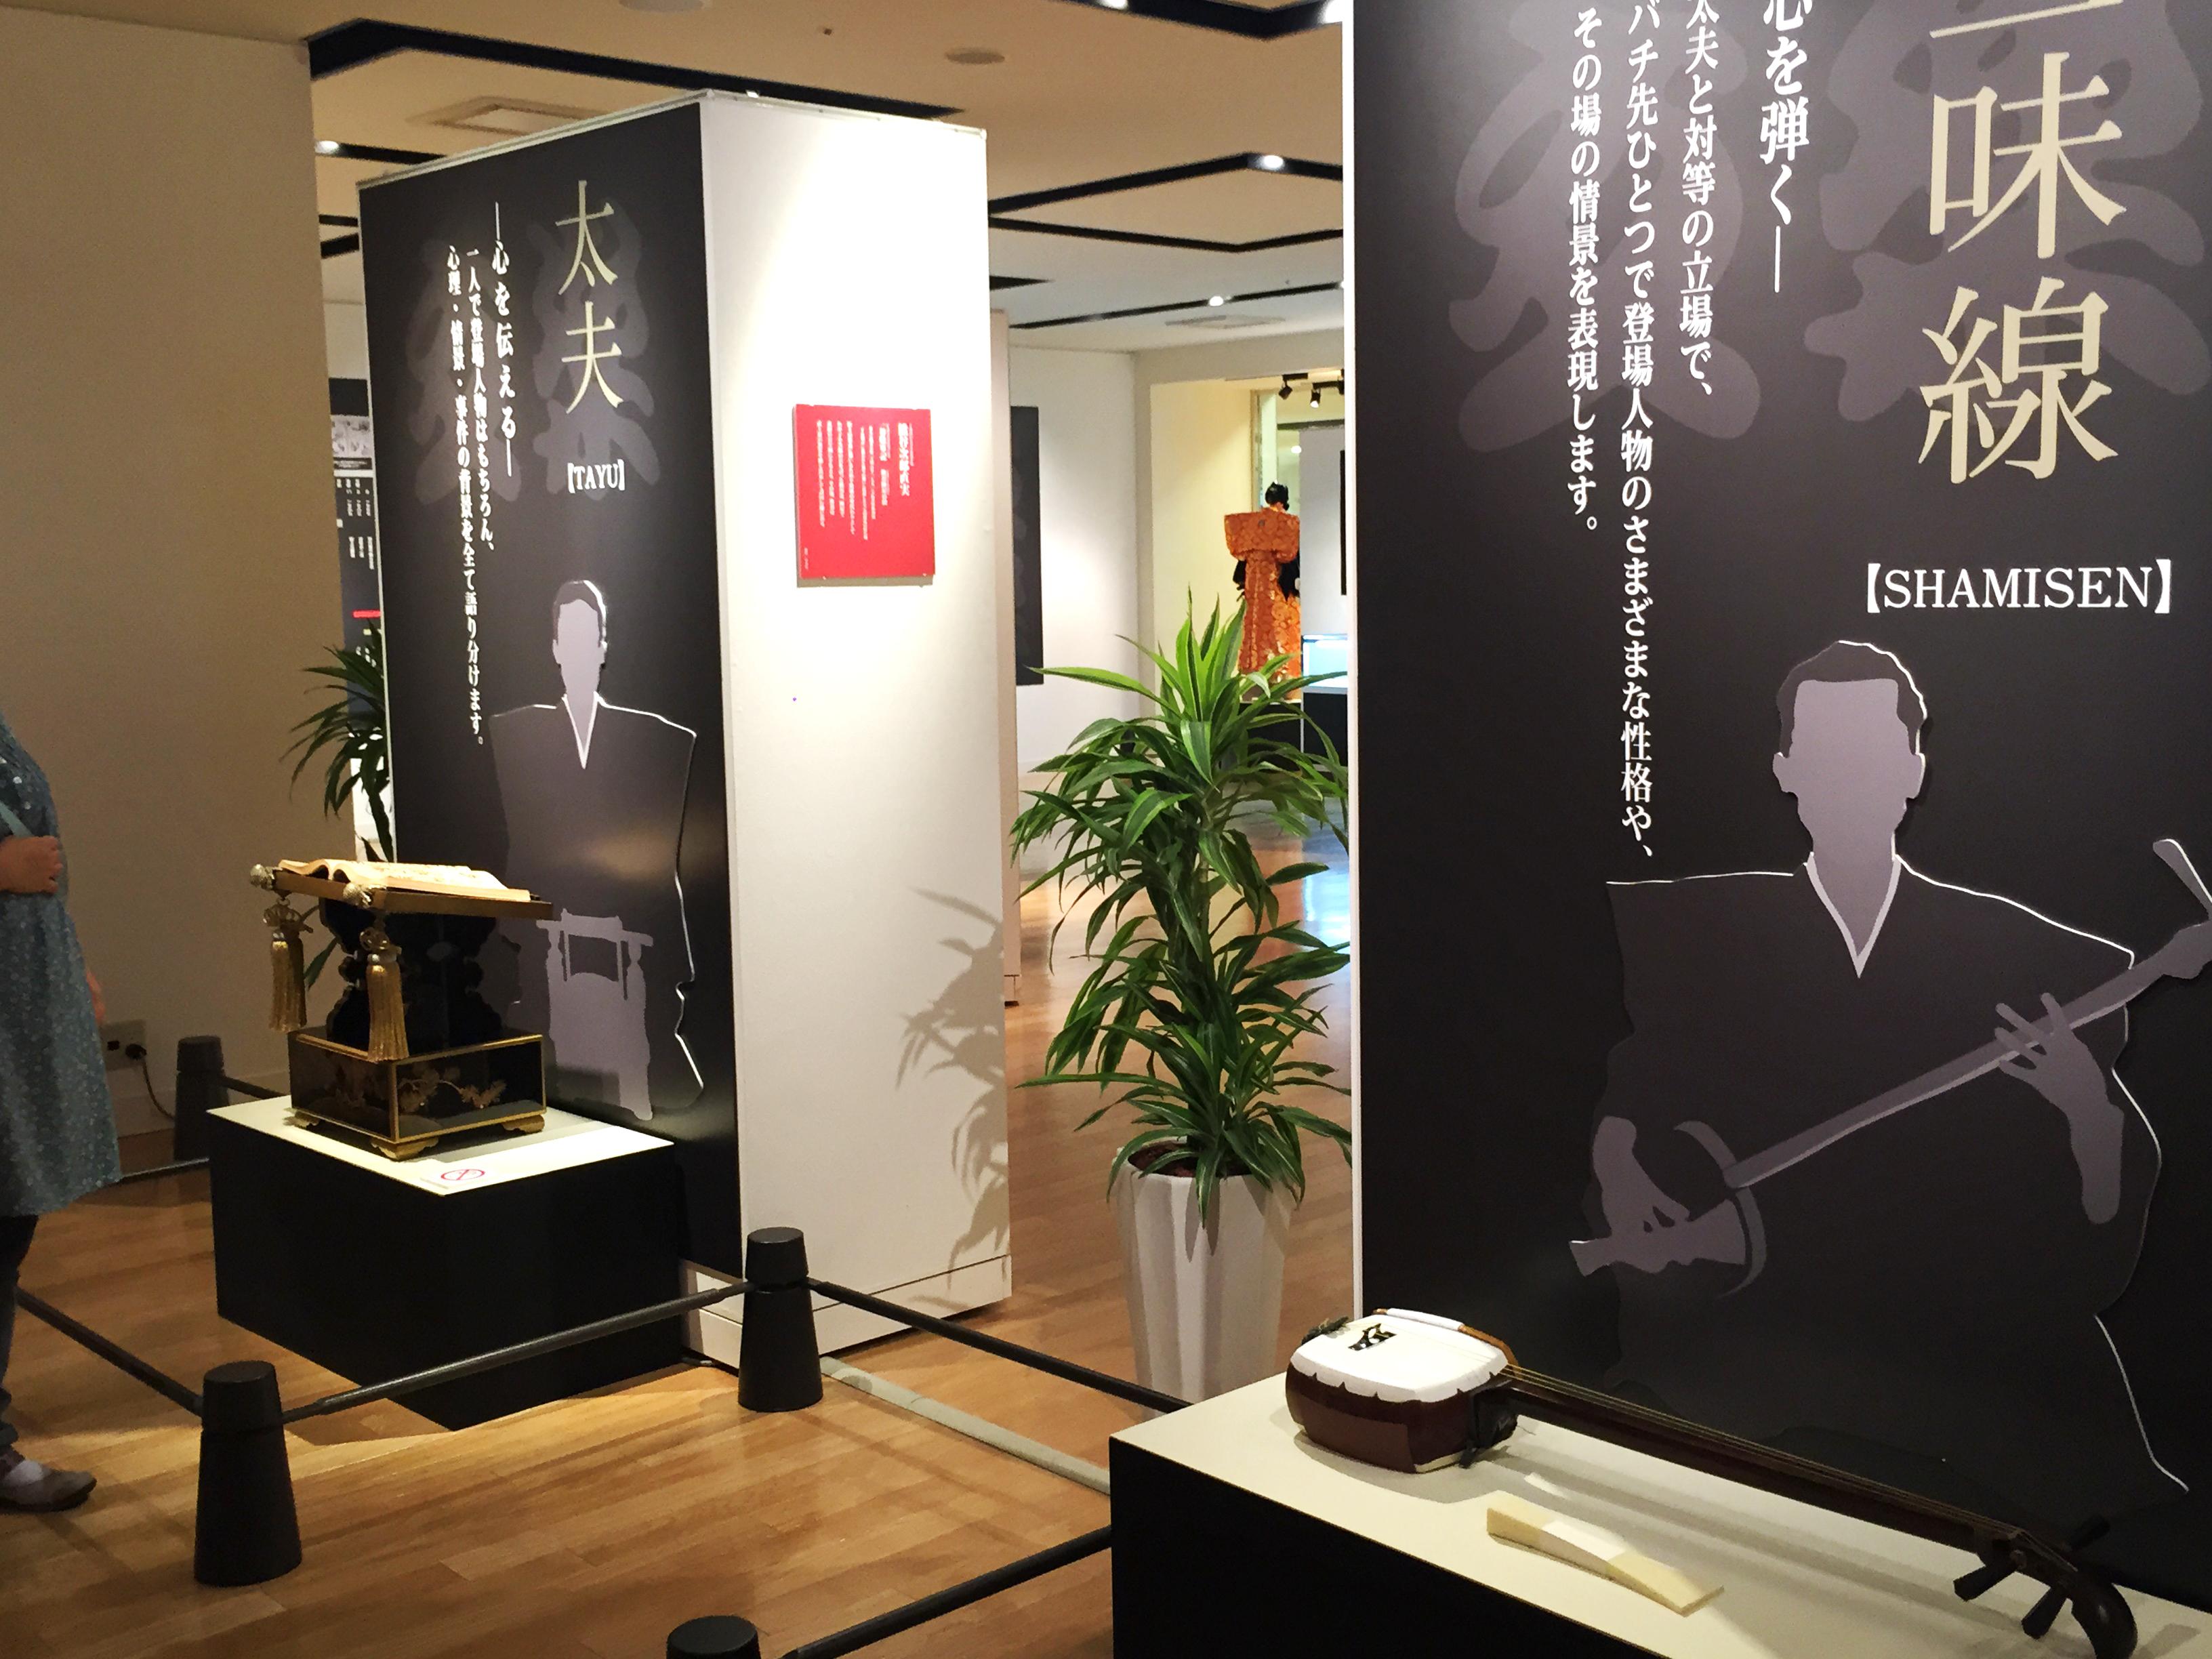 梅田阪急さんで開催中の文楽の世界展。 企画、デザイン、施工をさせて頂きました。 ウィンドウ、梅田ギャラリー展示、インスタレーションなど文楽の方々はじめプロフェッショナルの方々のお力をお借りして作り上げた文楽の世界です。